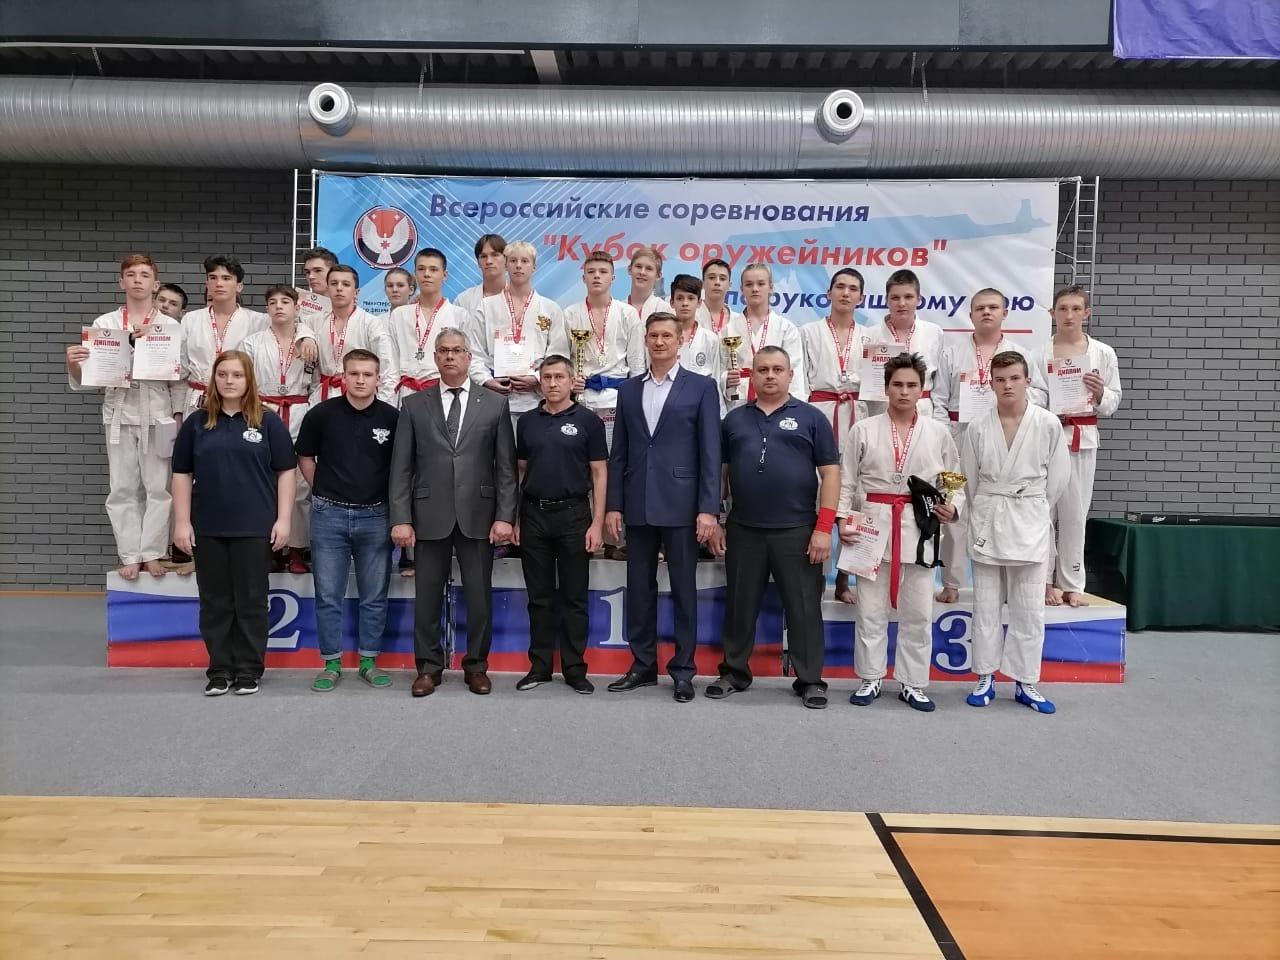 «Союз десантников Удмуртии» участвует в организации и проведении Всероссийского соревнования «Кубок оружейников» по рукопашному бою